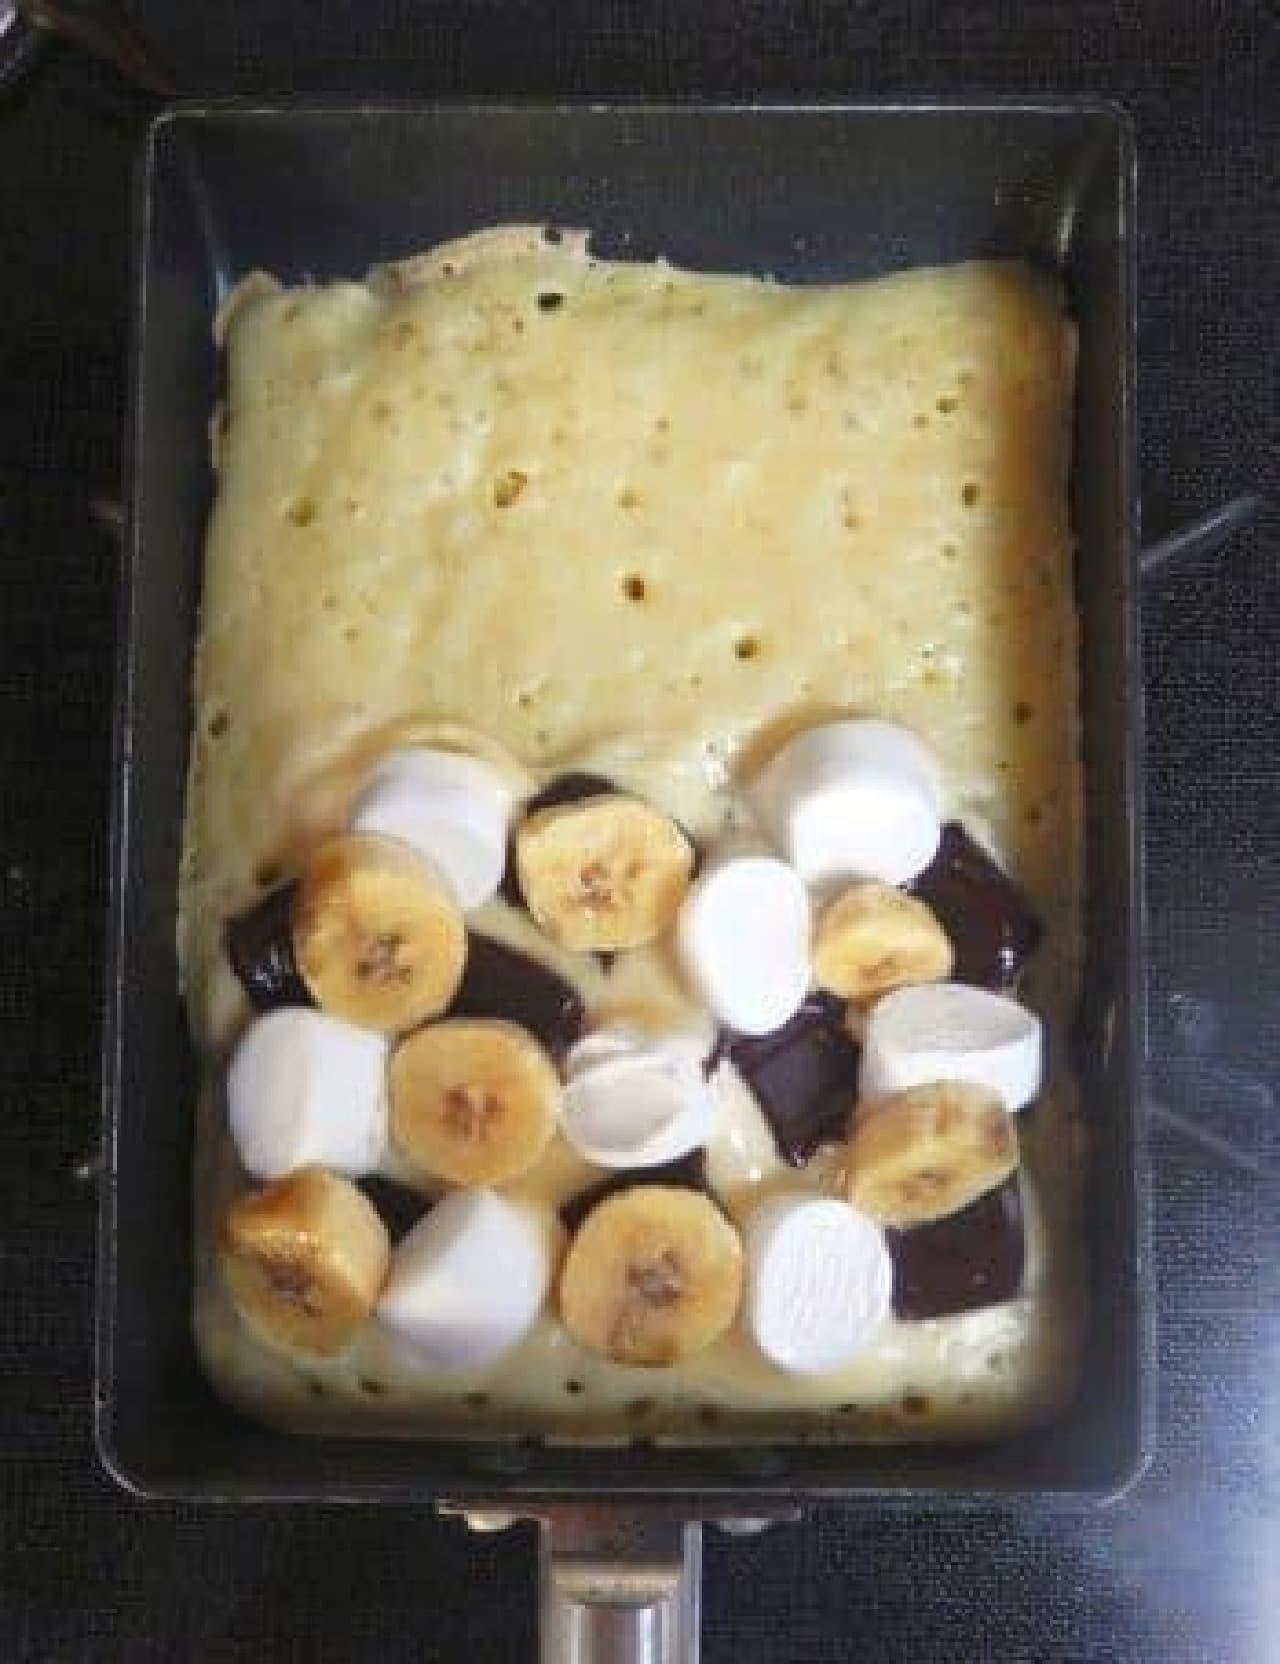 マシュマロとかバナナをのせて